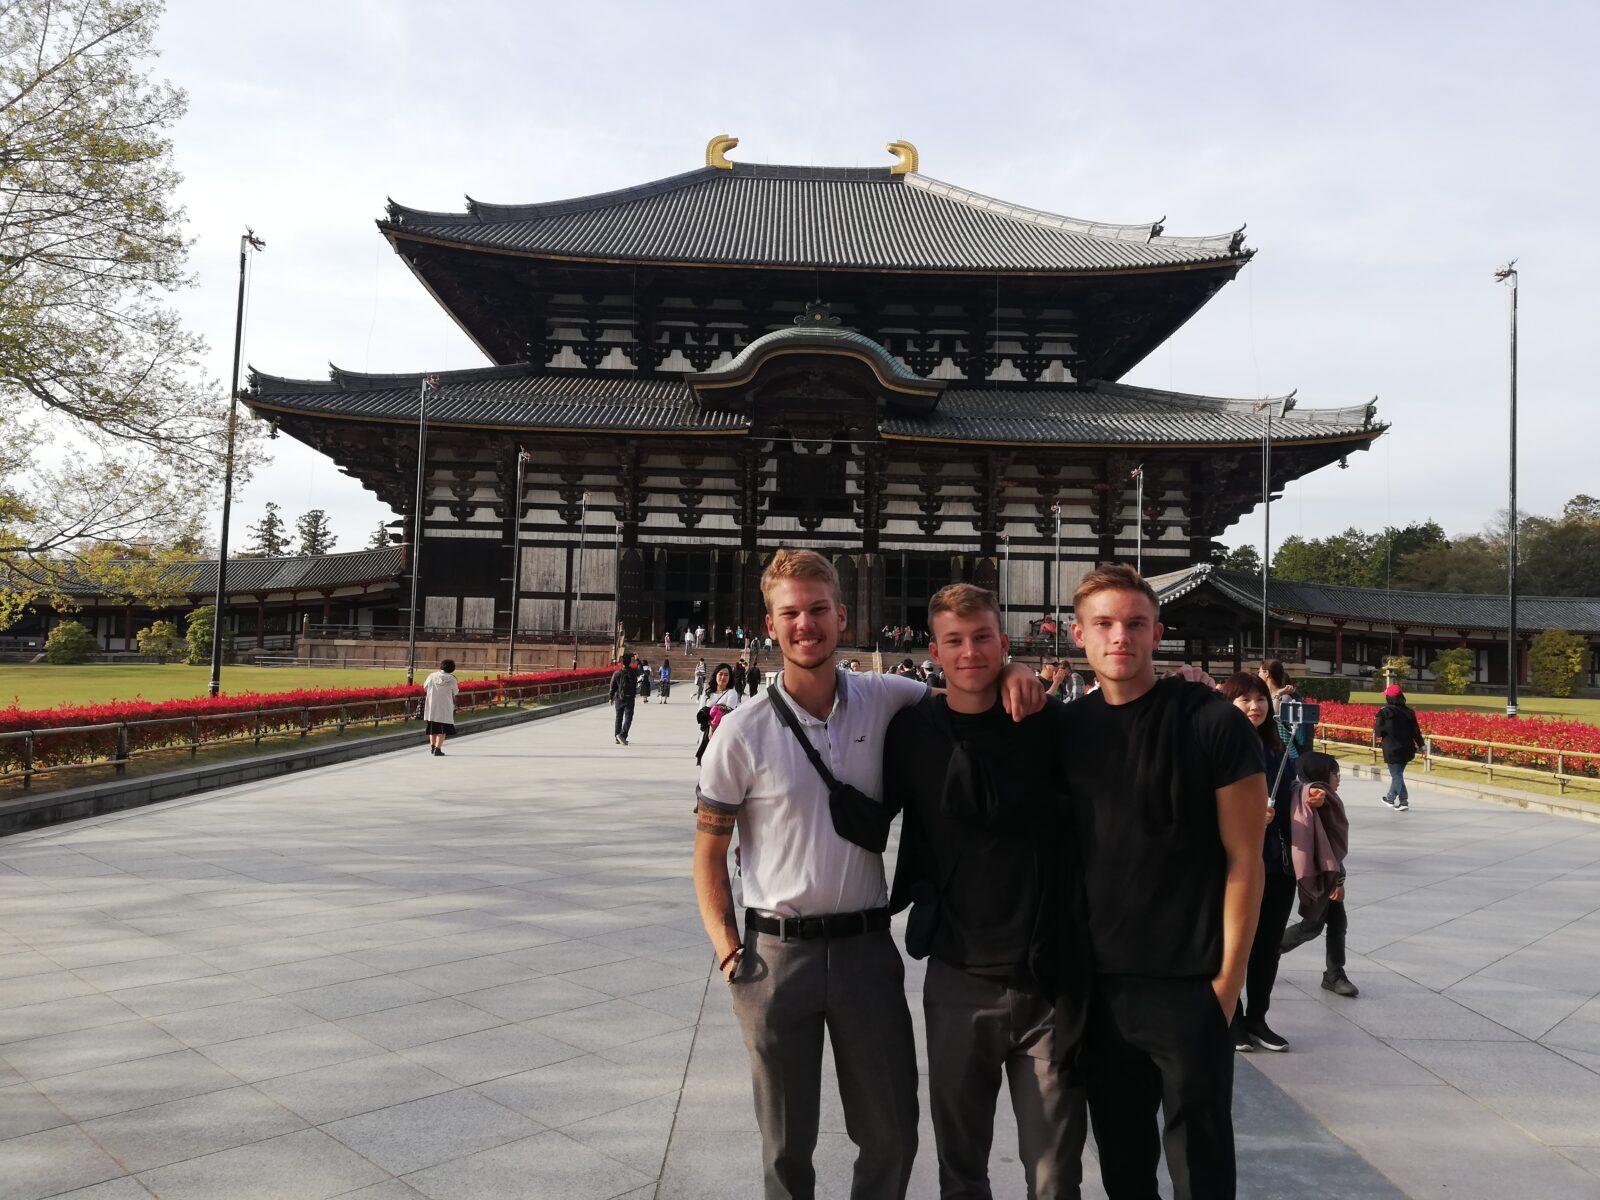 Rejse til Japan: Tre uger og tre drenge med rygsæk i Japan